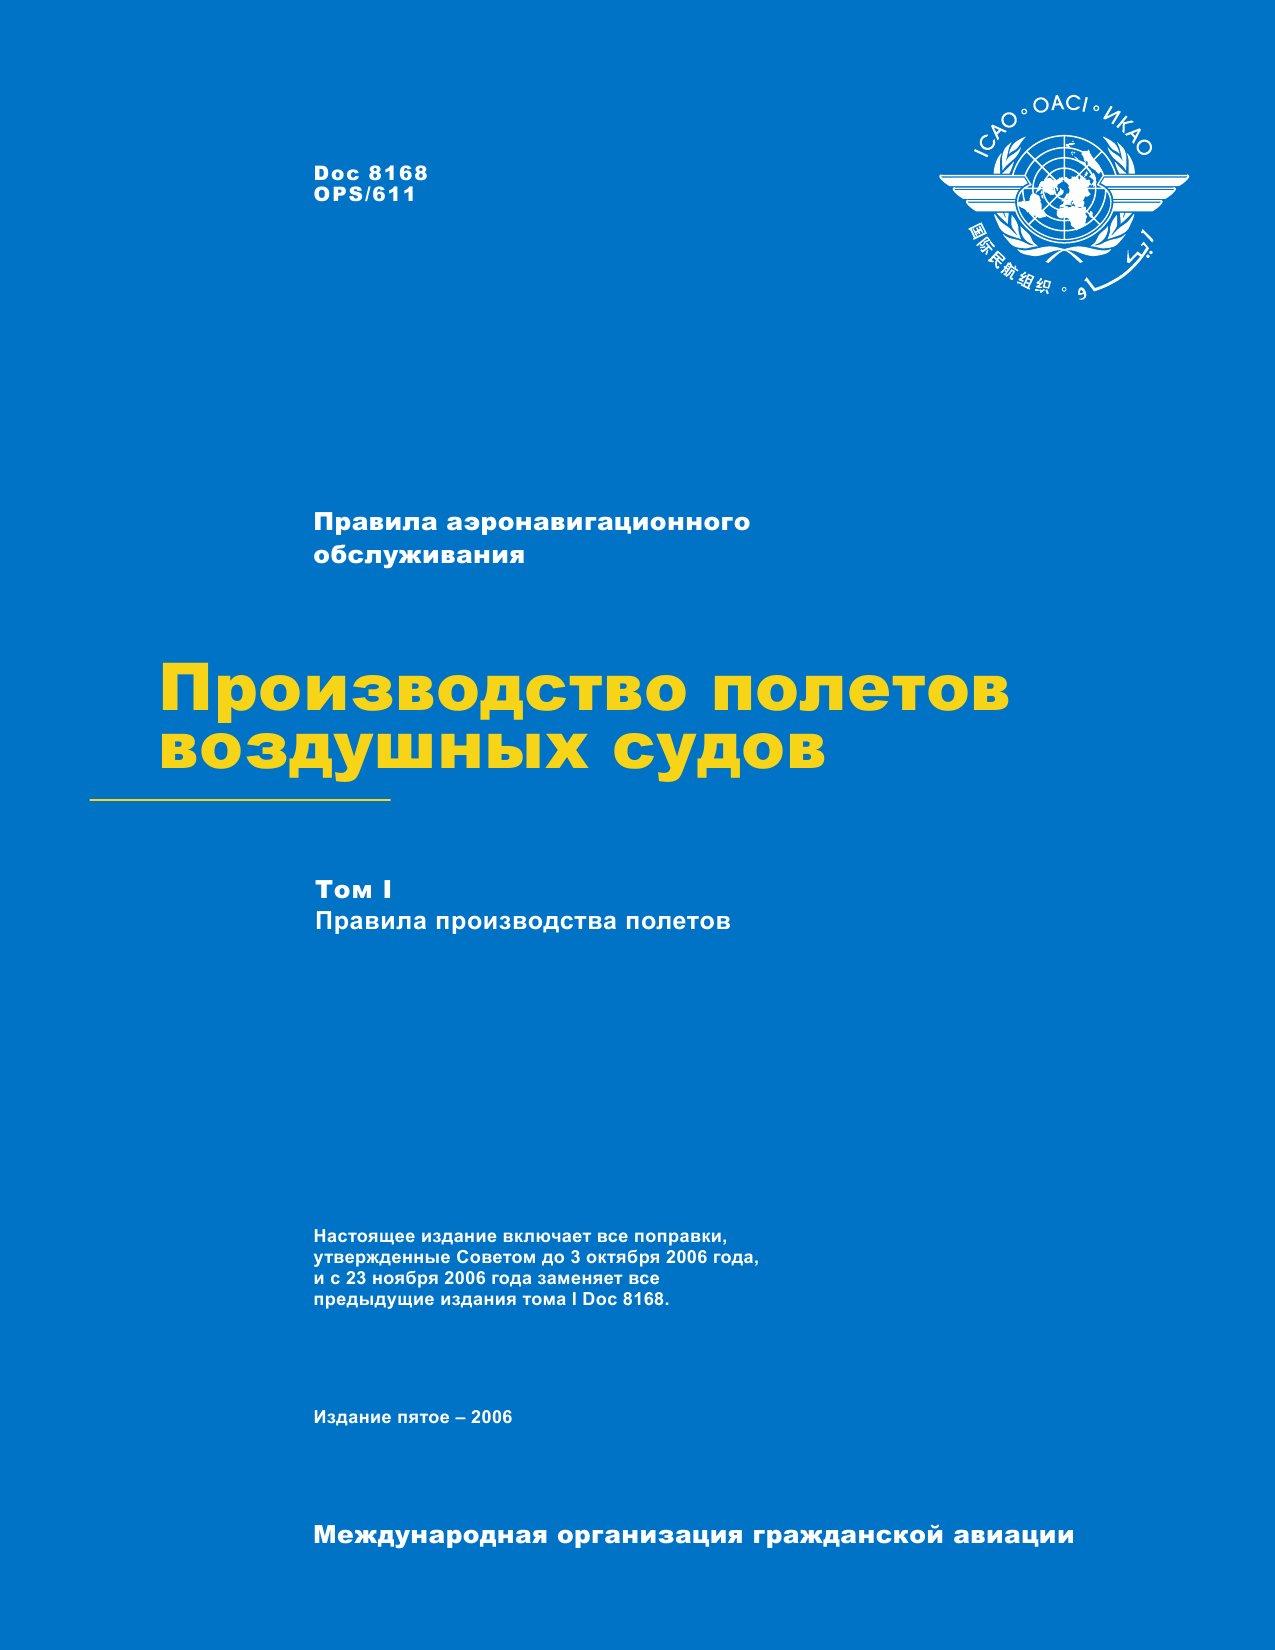 Обложка книги ICAO Doc 8168 PANS-OPS. Производство полетов воздушных судов - Том I. Правила производства полетов. (ИКАО)